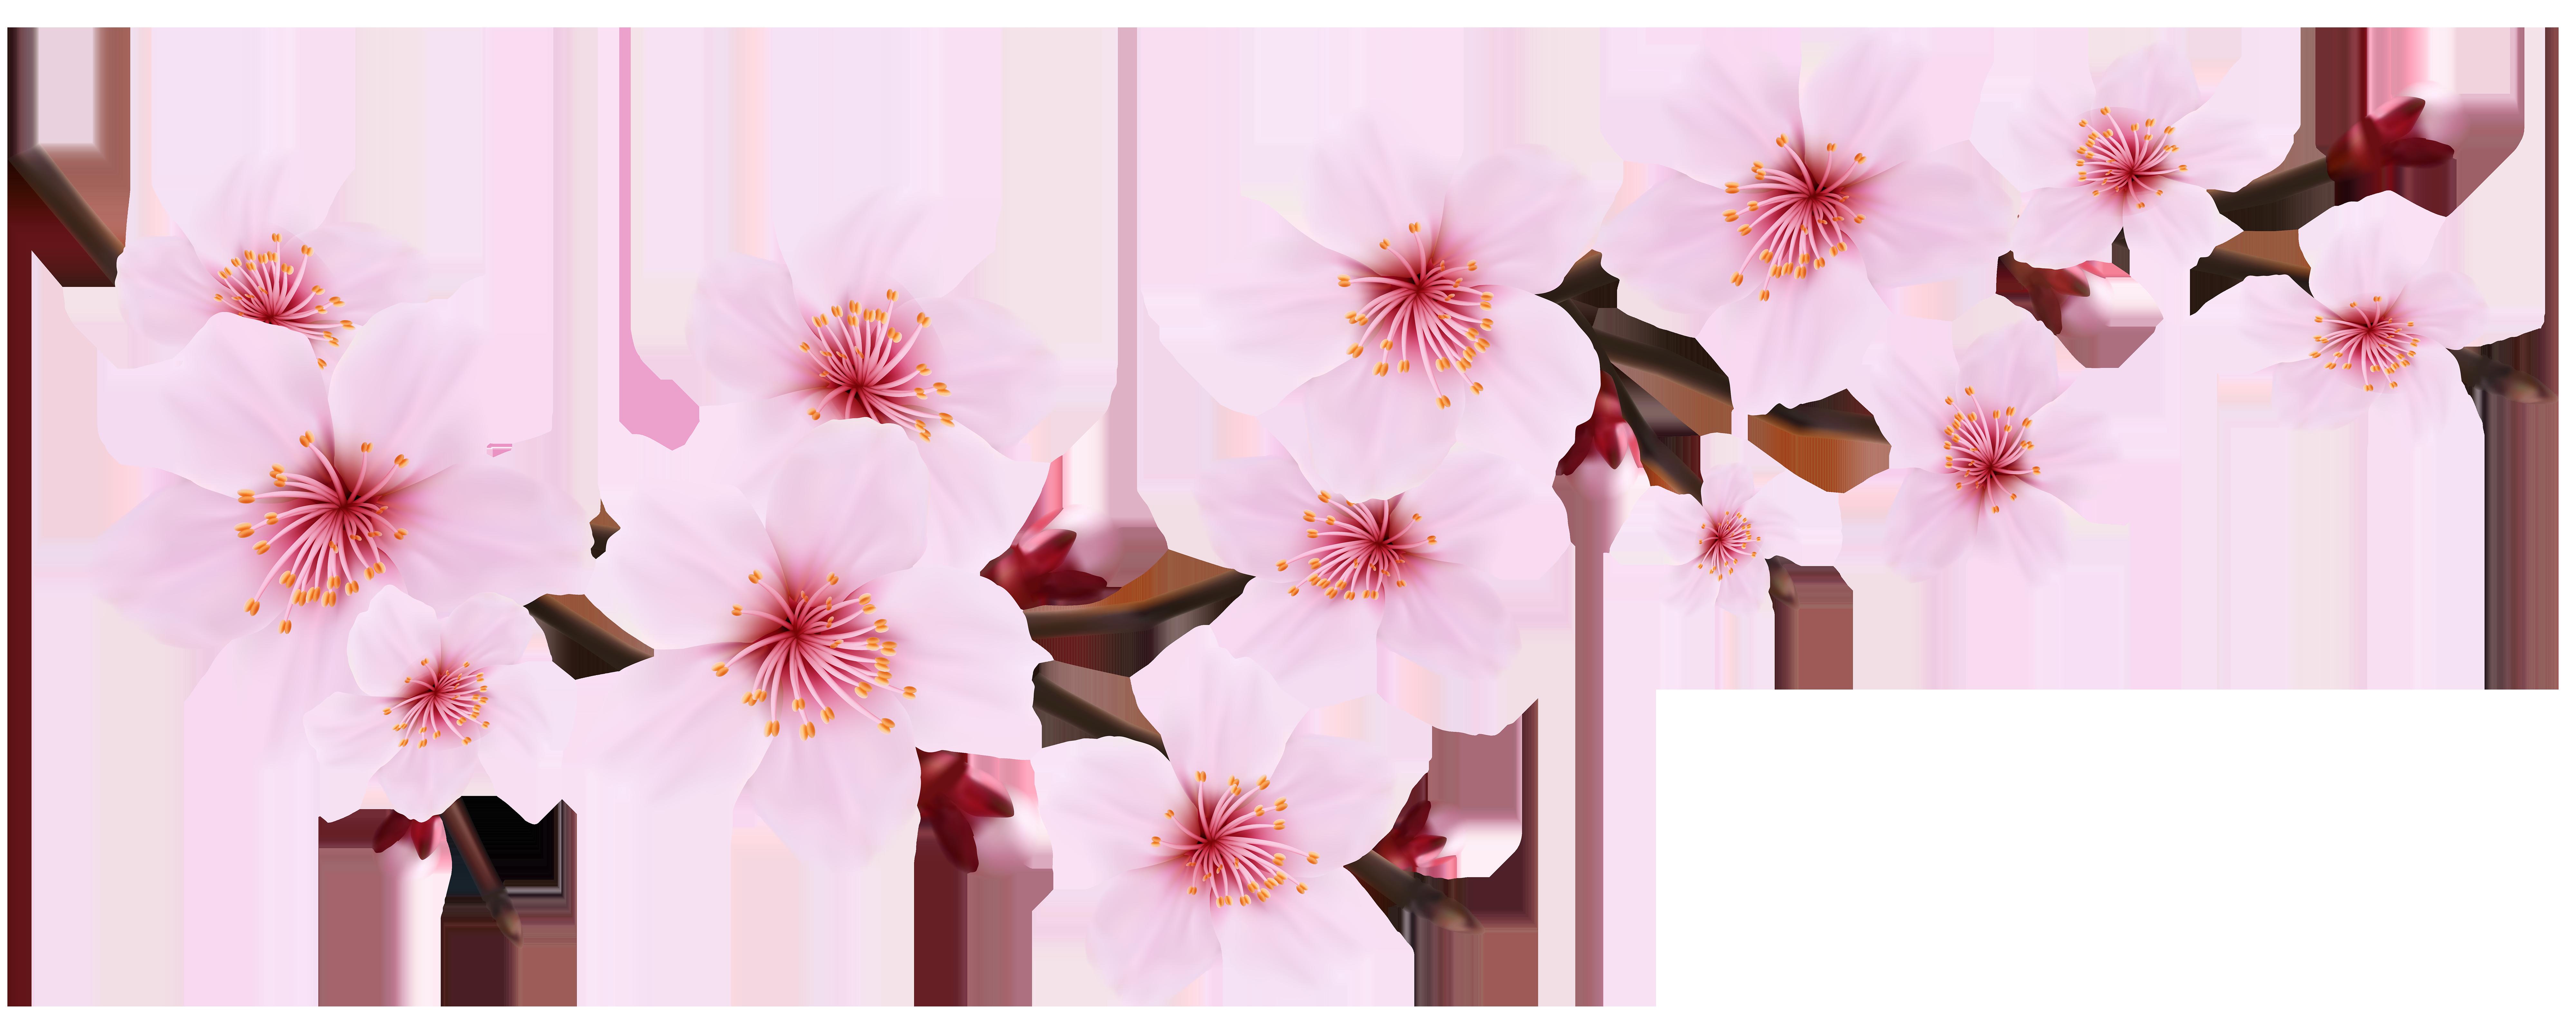 Blossom Spring Pink Twig Transparent PNG Clip Art Image.